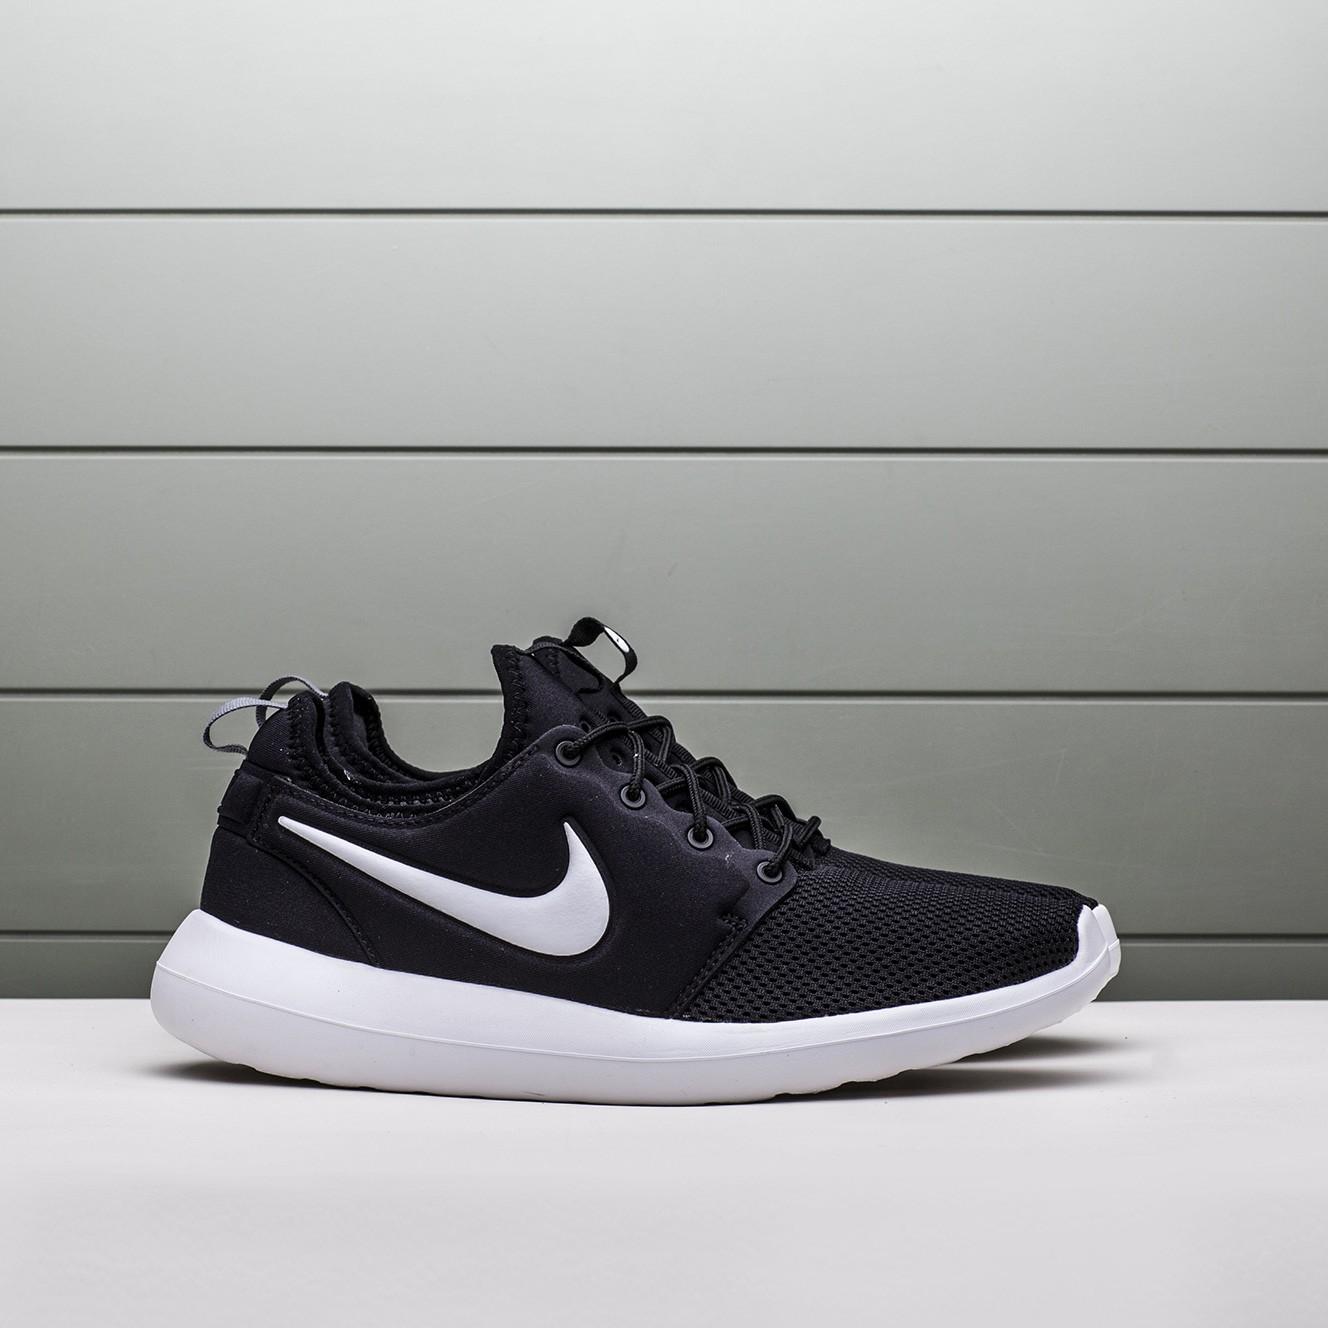 9060eebc «Кортезы» выглядят гармонично в образах для занятий спортом, повседневной  носке, что делает их универсальной обувью, имеющей явное преимущество перед  ...